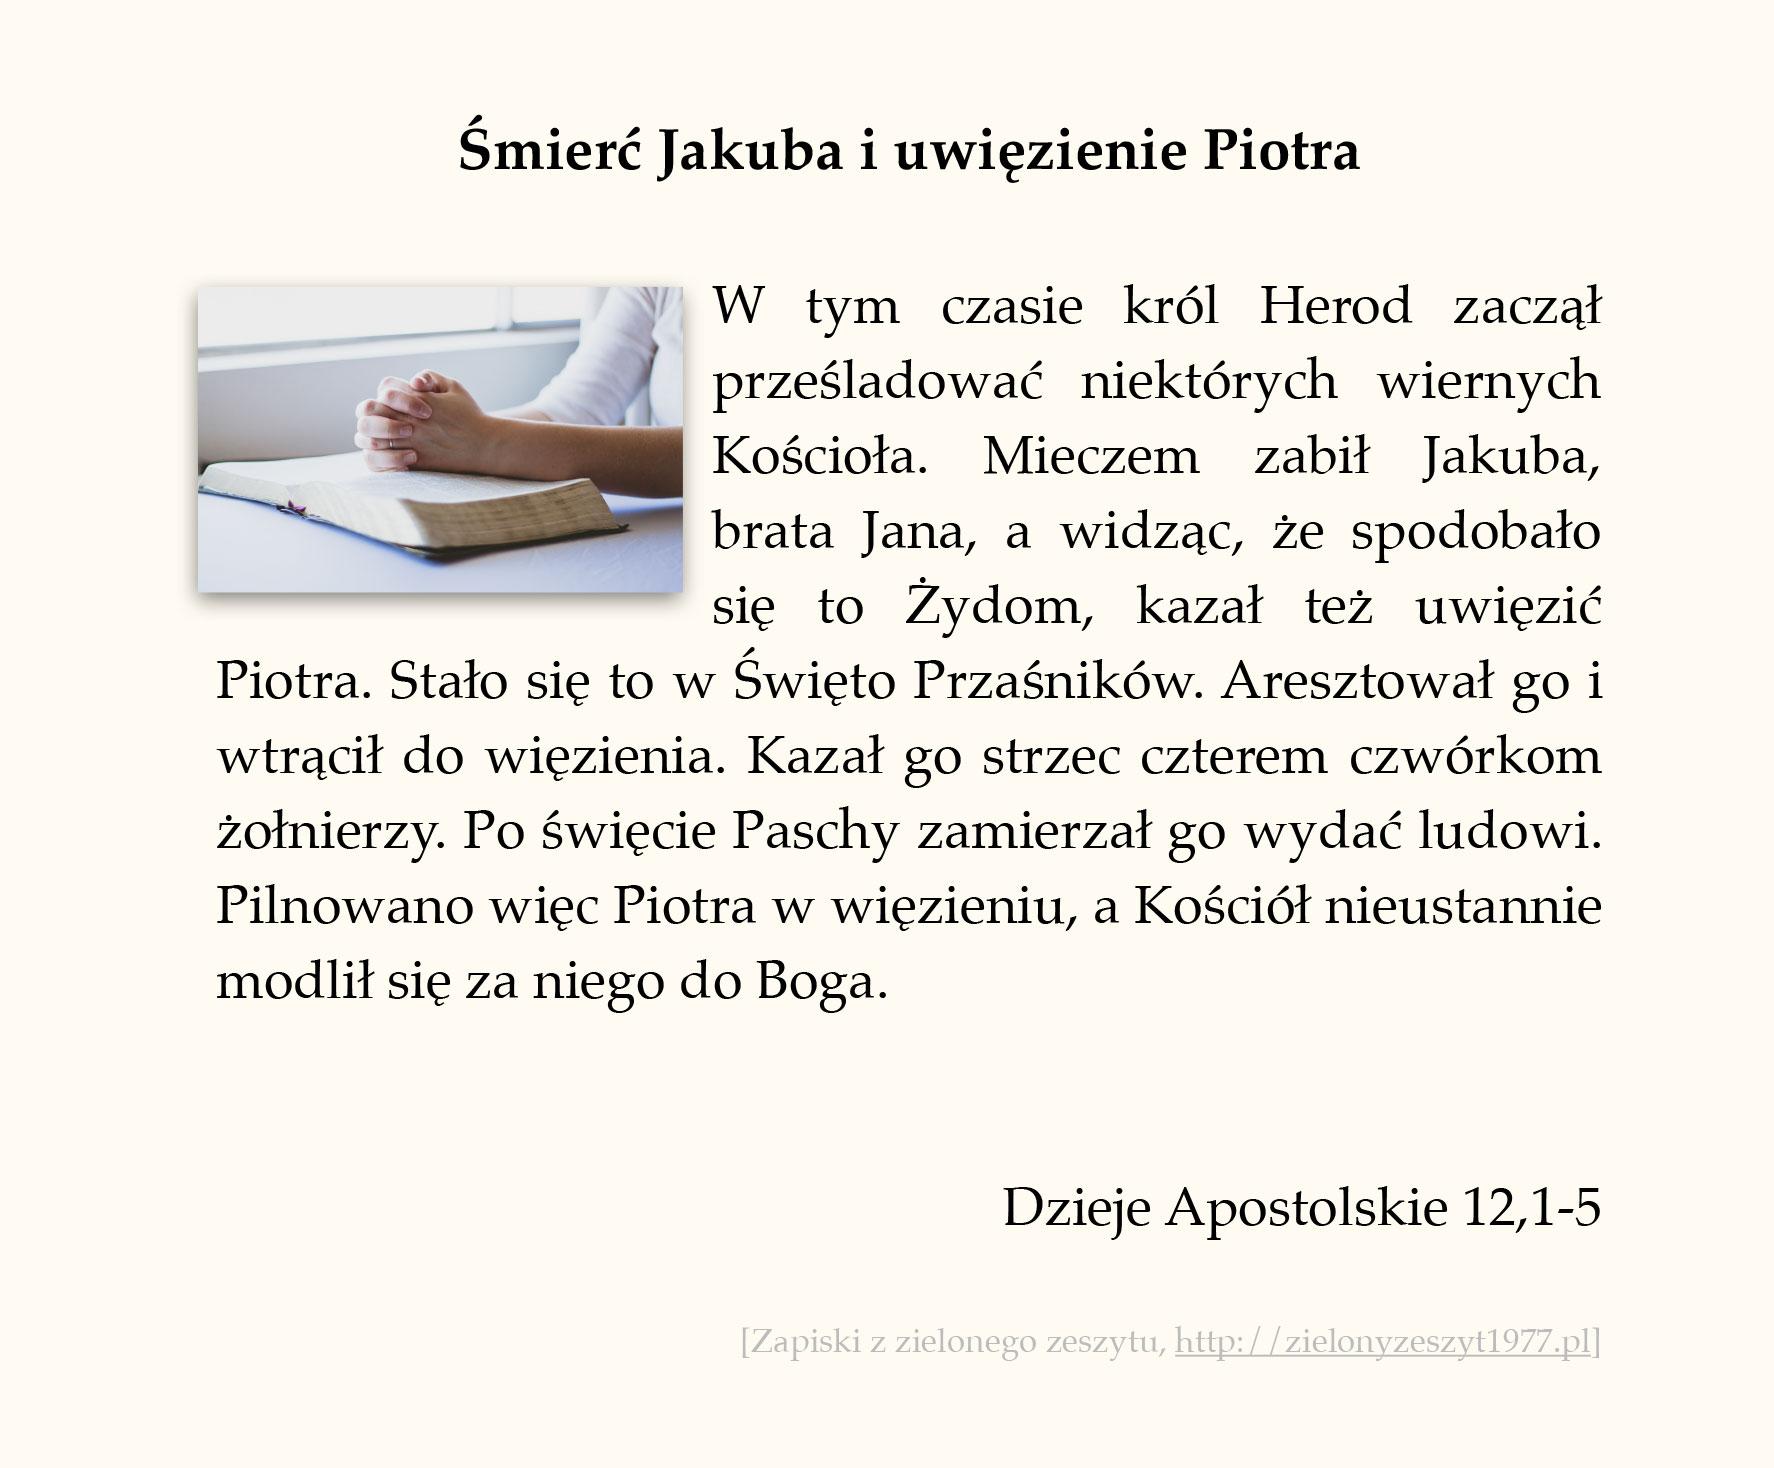 Śmierć Jakuba i uwięzienie Piotra; Dzieje Apostolskie (#53)